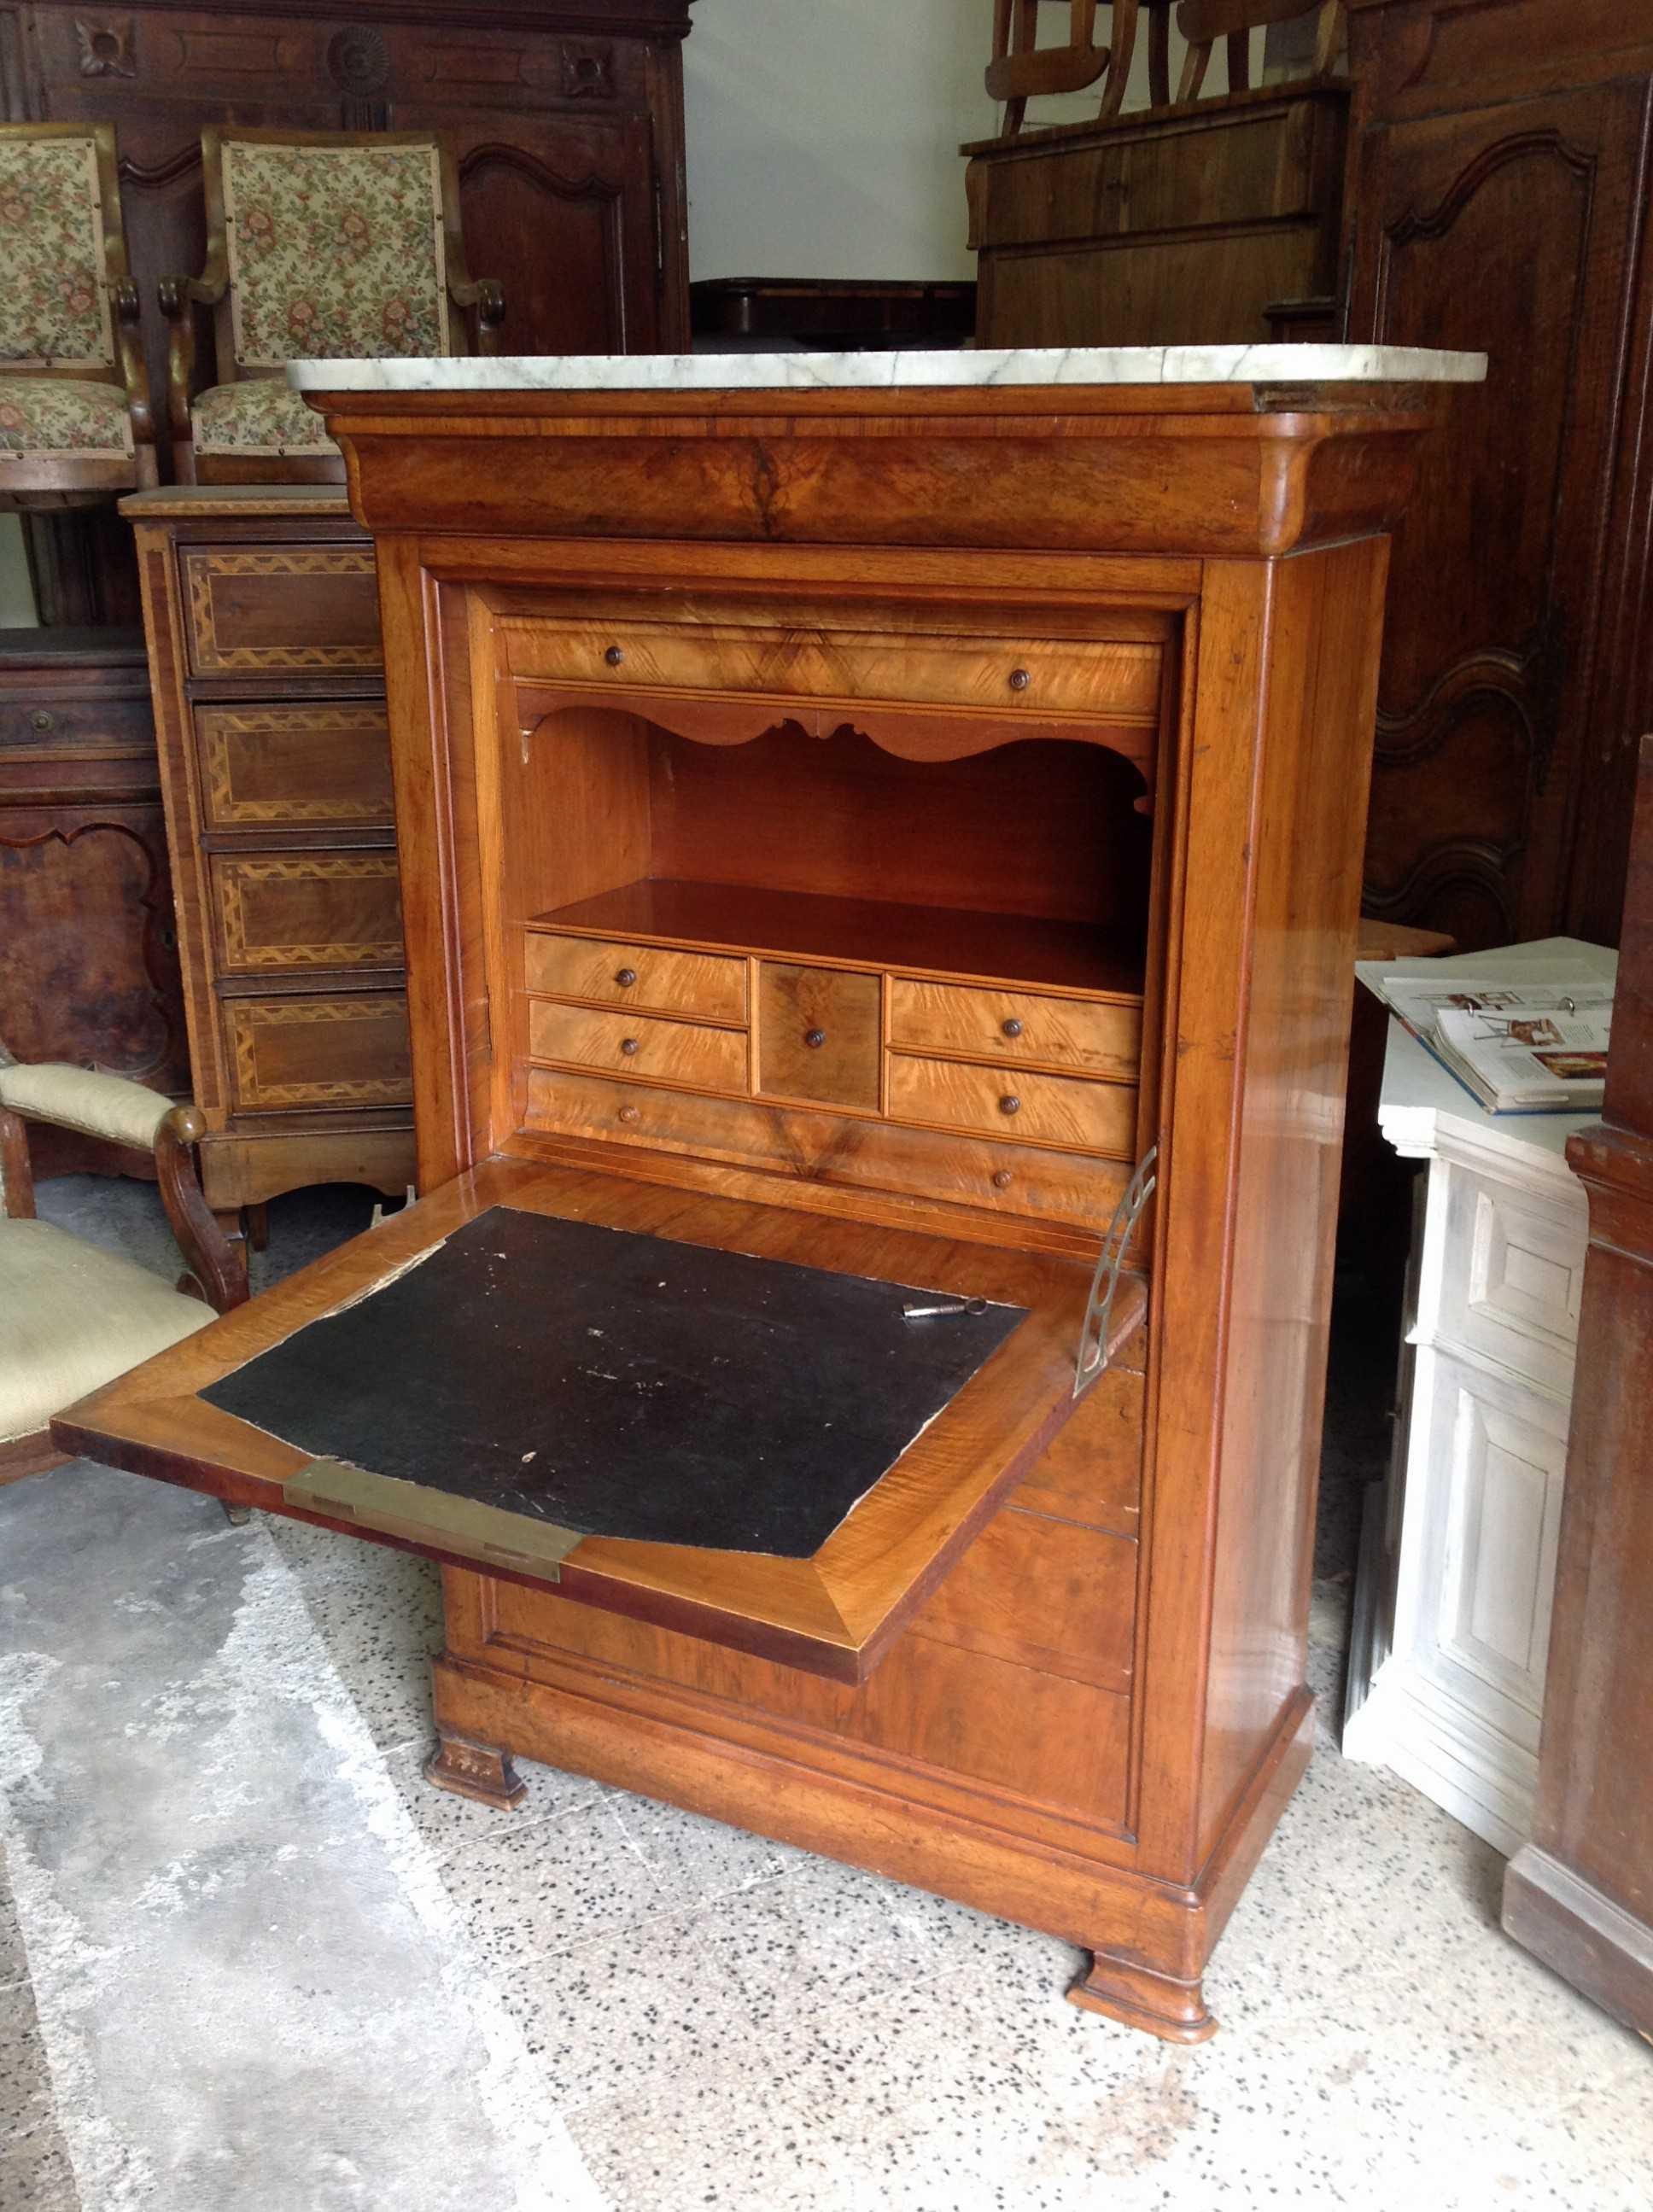 Secretaire arredamento mobili antiquariato musetti - Riconoscere mobili antichi ...